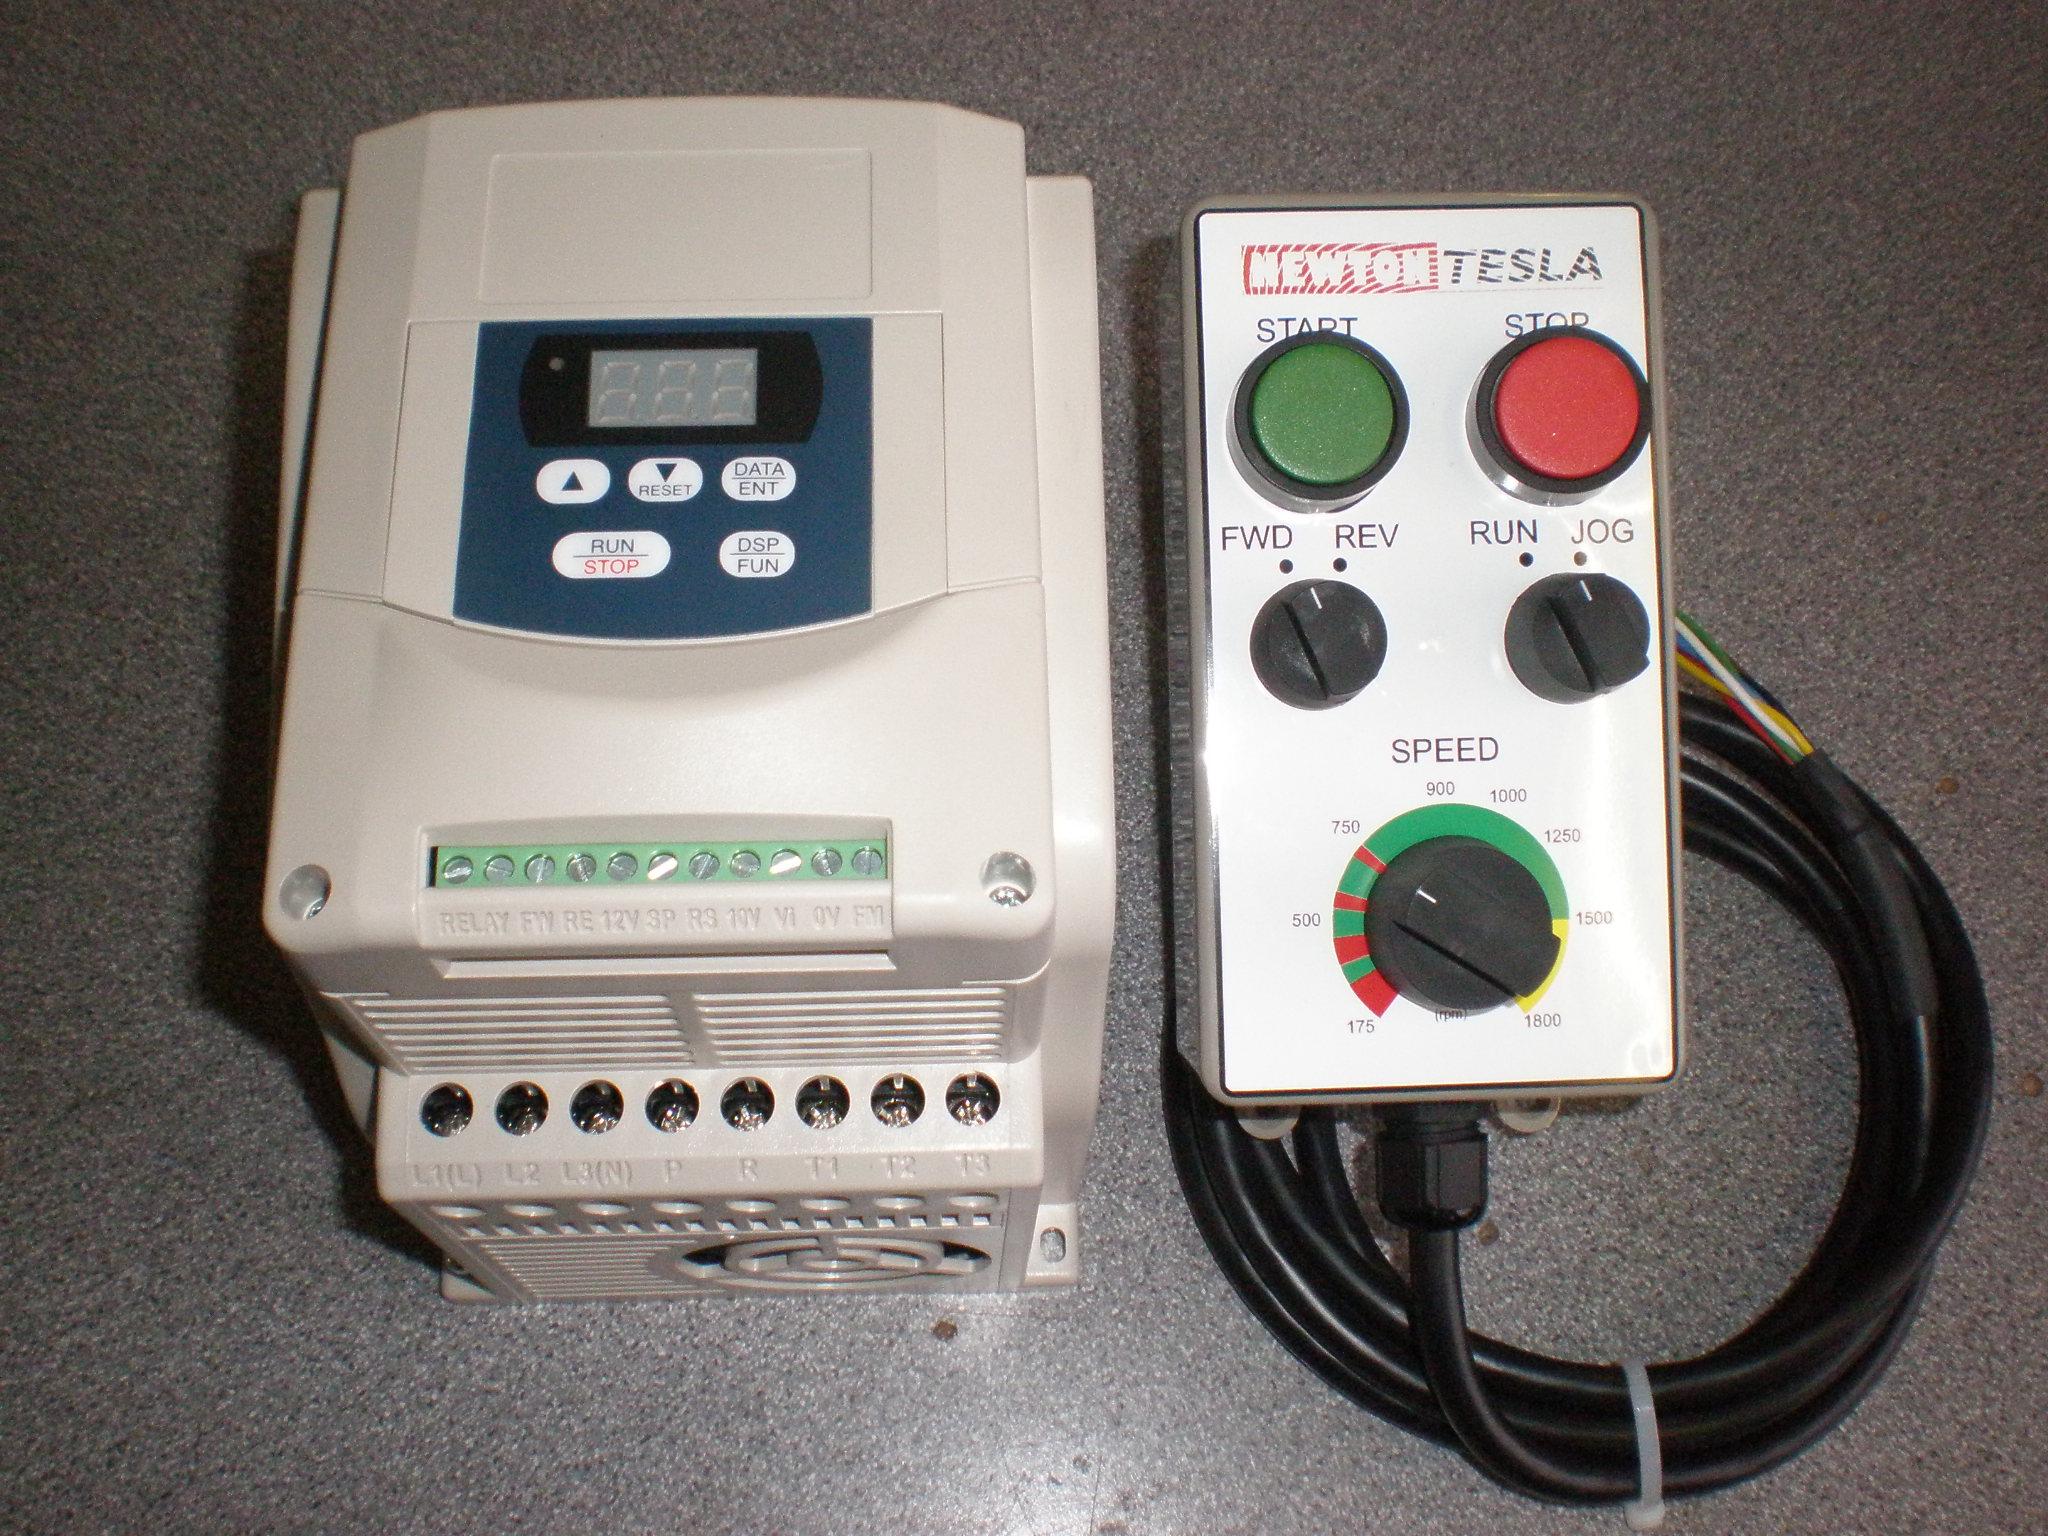 Newton Tesla Lathe Speed Control Warrington 8 On Pendant Station Wiring Diagram Inverter Remote Teco